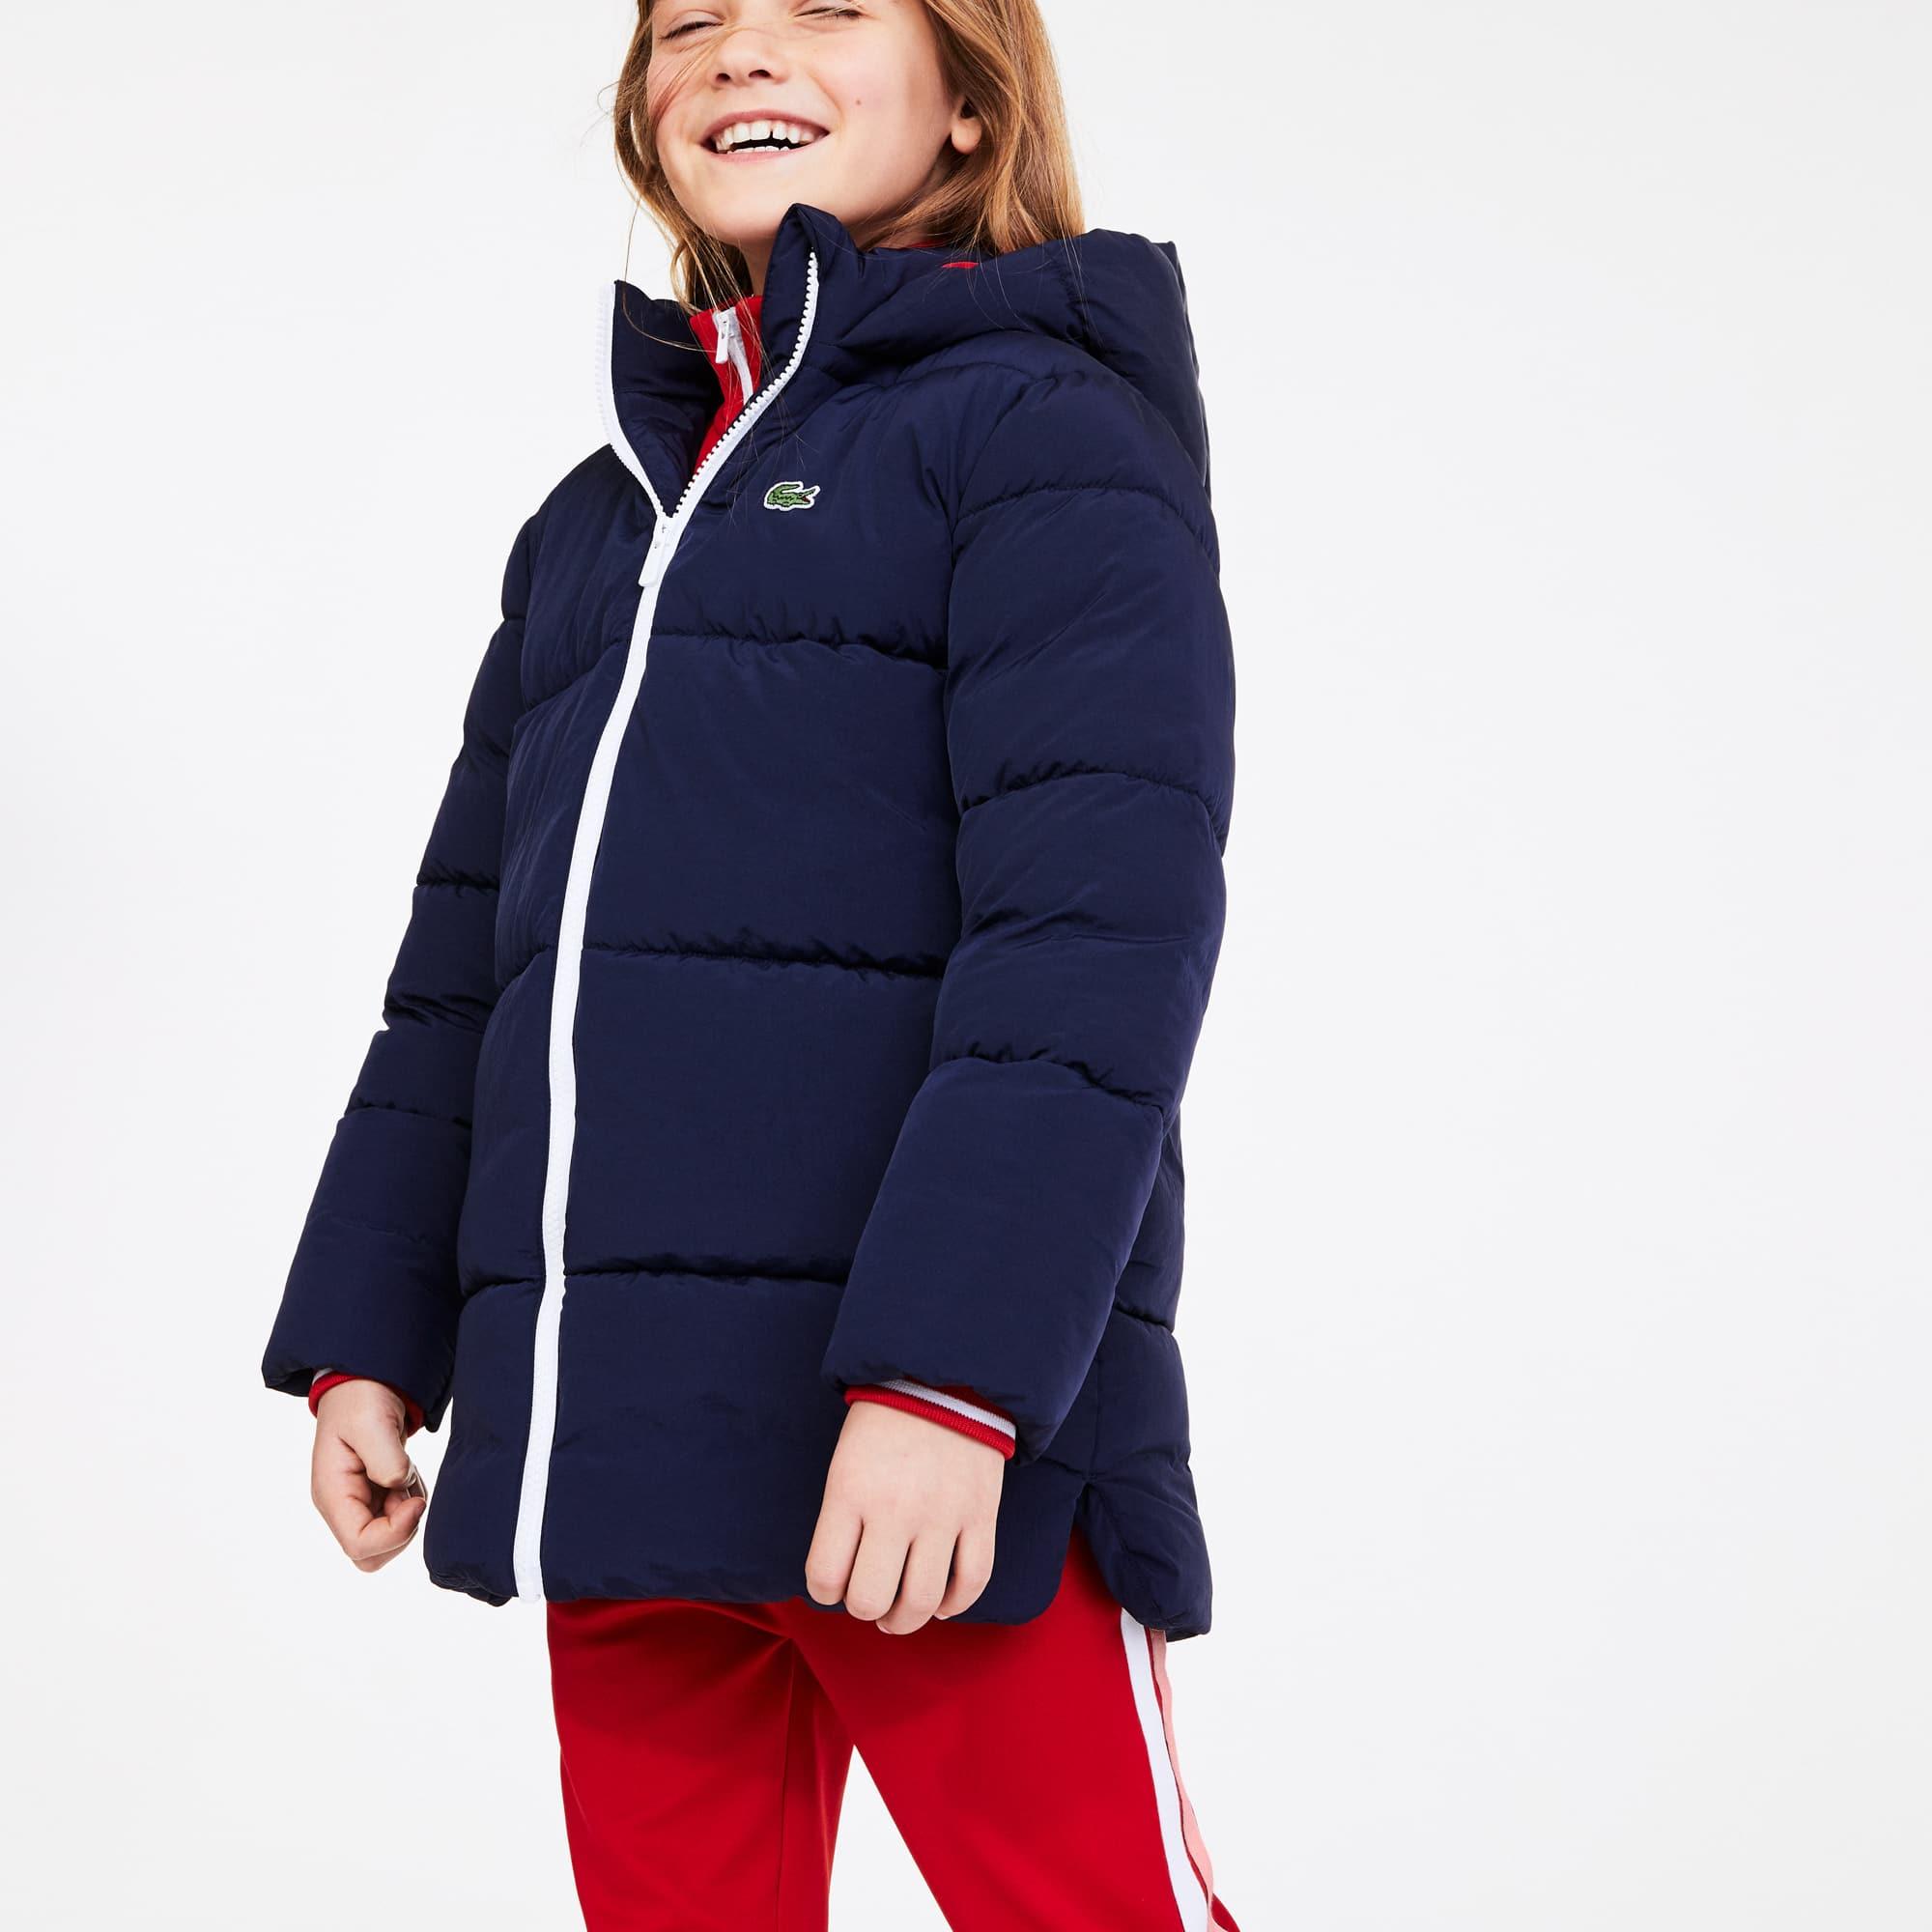 라코스테 Lacoste Girls Stand-Up Collar Zippered Hooded Jacket,Navy Blue / Red • 551